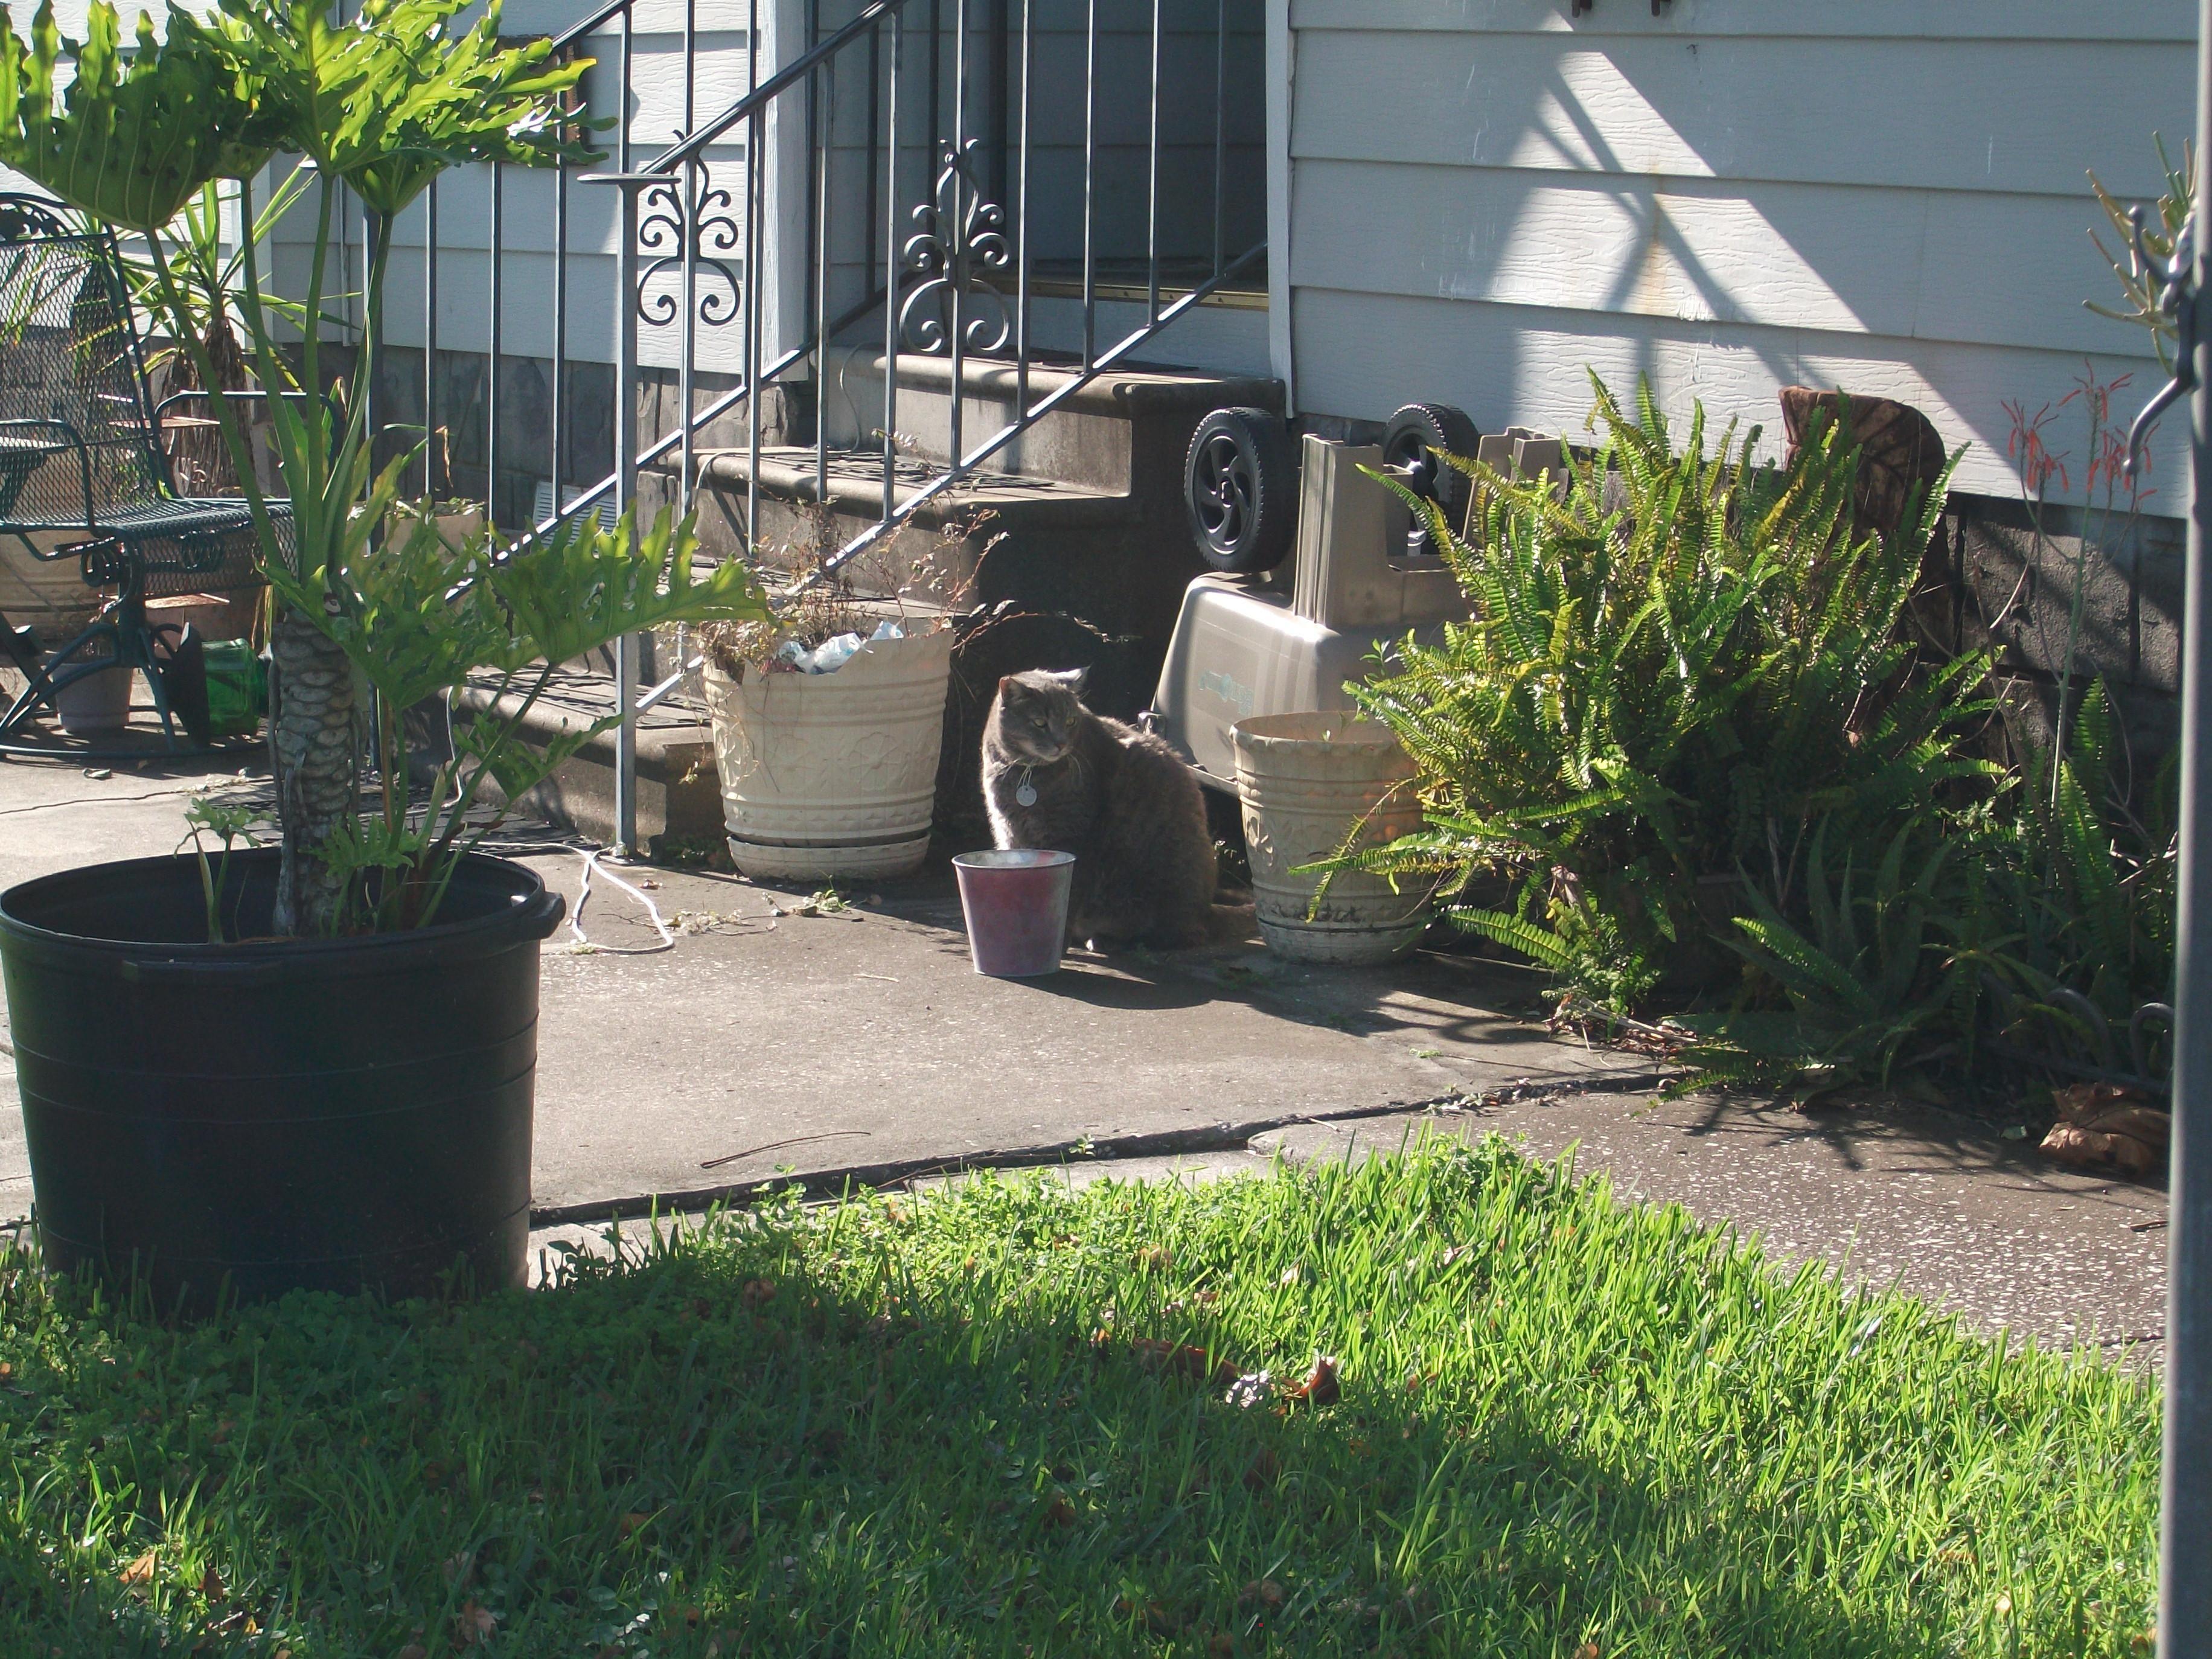 Cat In Backyard file:cat in backyard - wikimedia commons